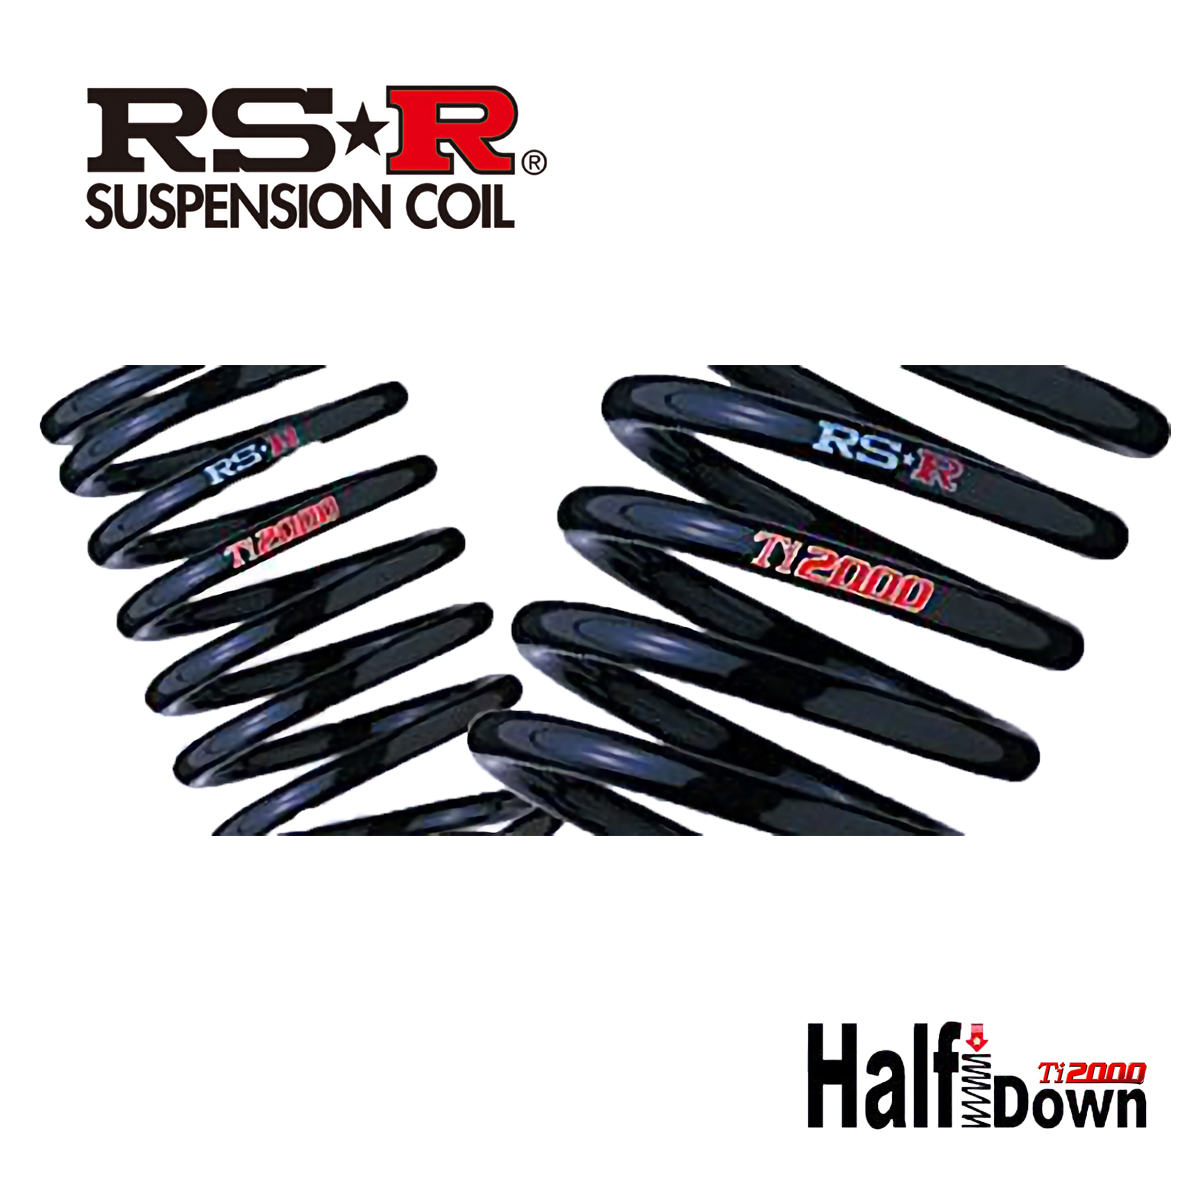 RS-R アクア NHP10 S ダウンサス スプリング フロント T105THDF Ti2000 ハーフダウン RSR 個人宅発送追金有